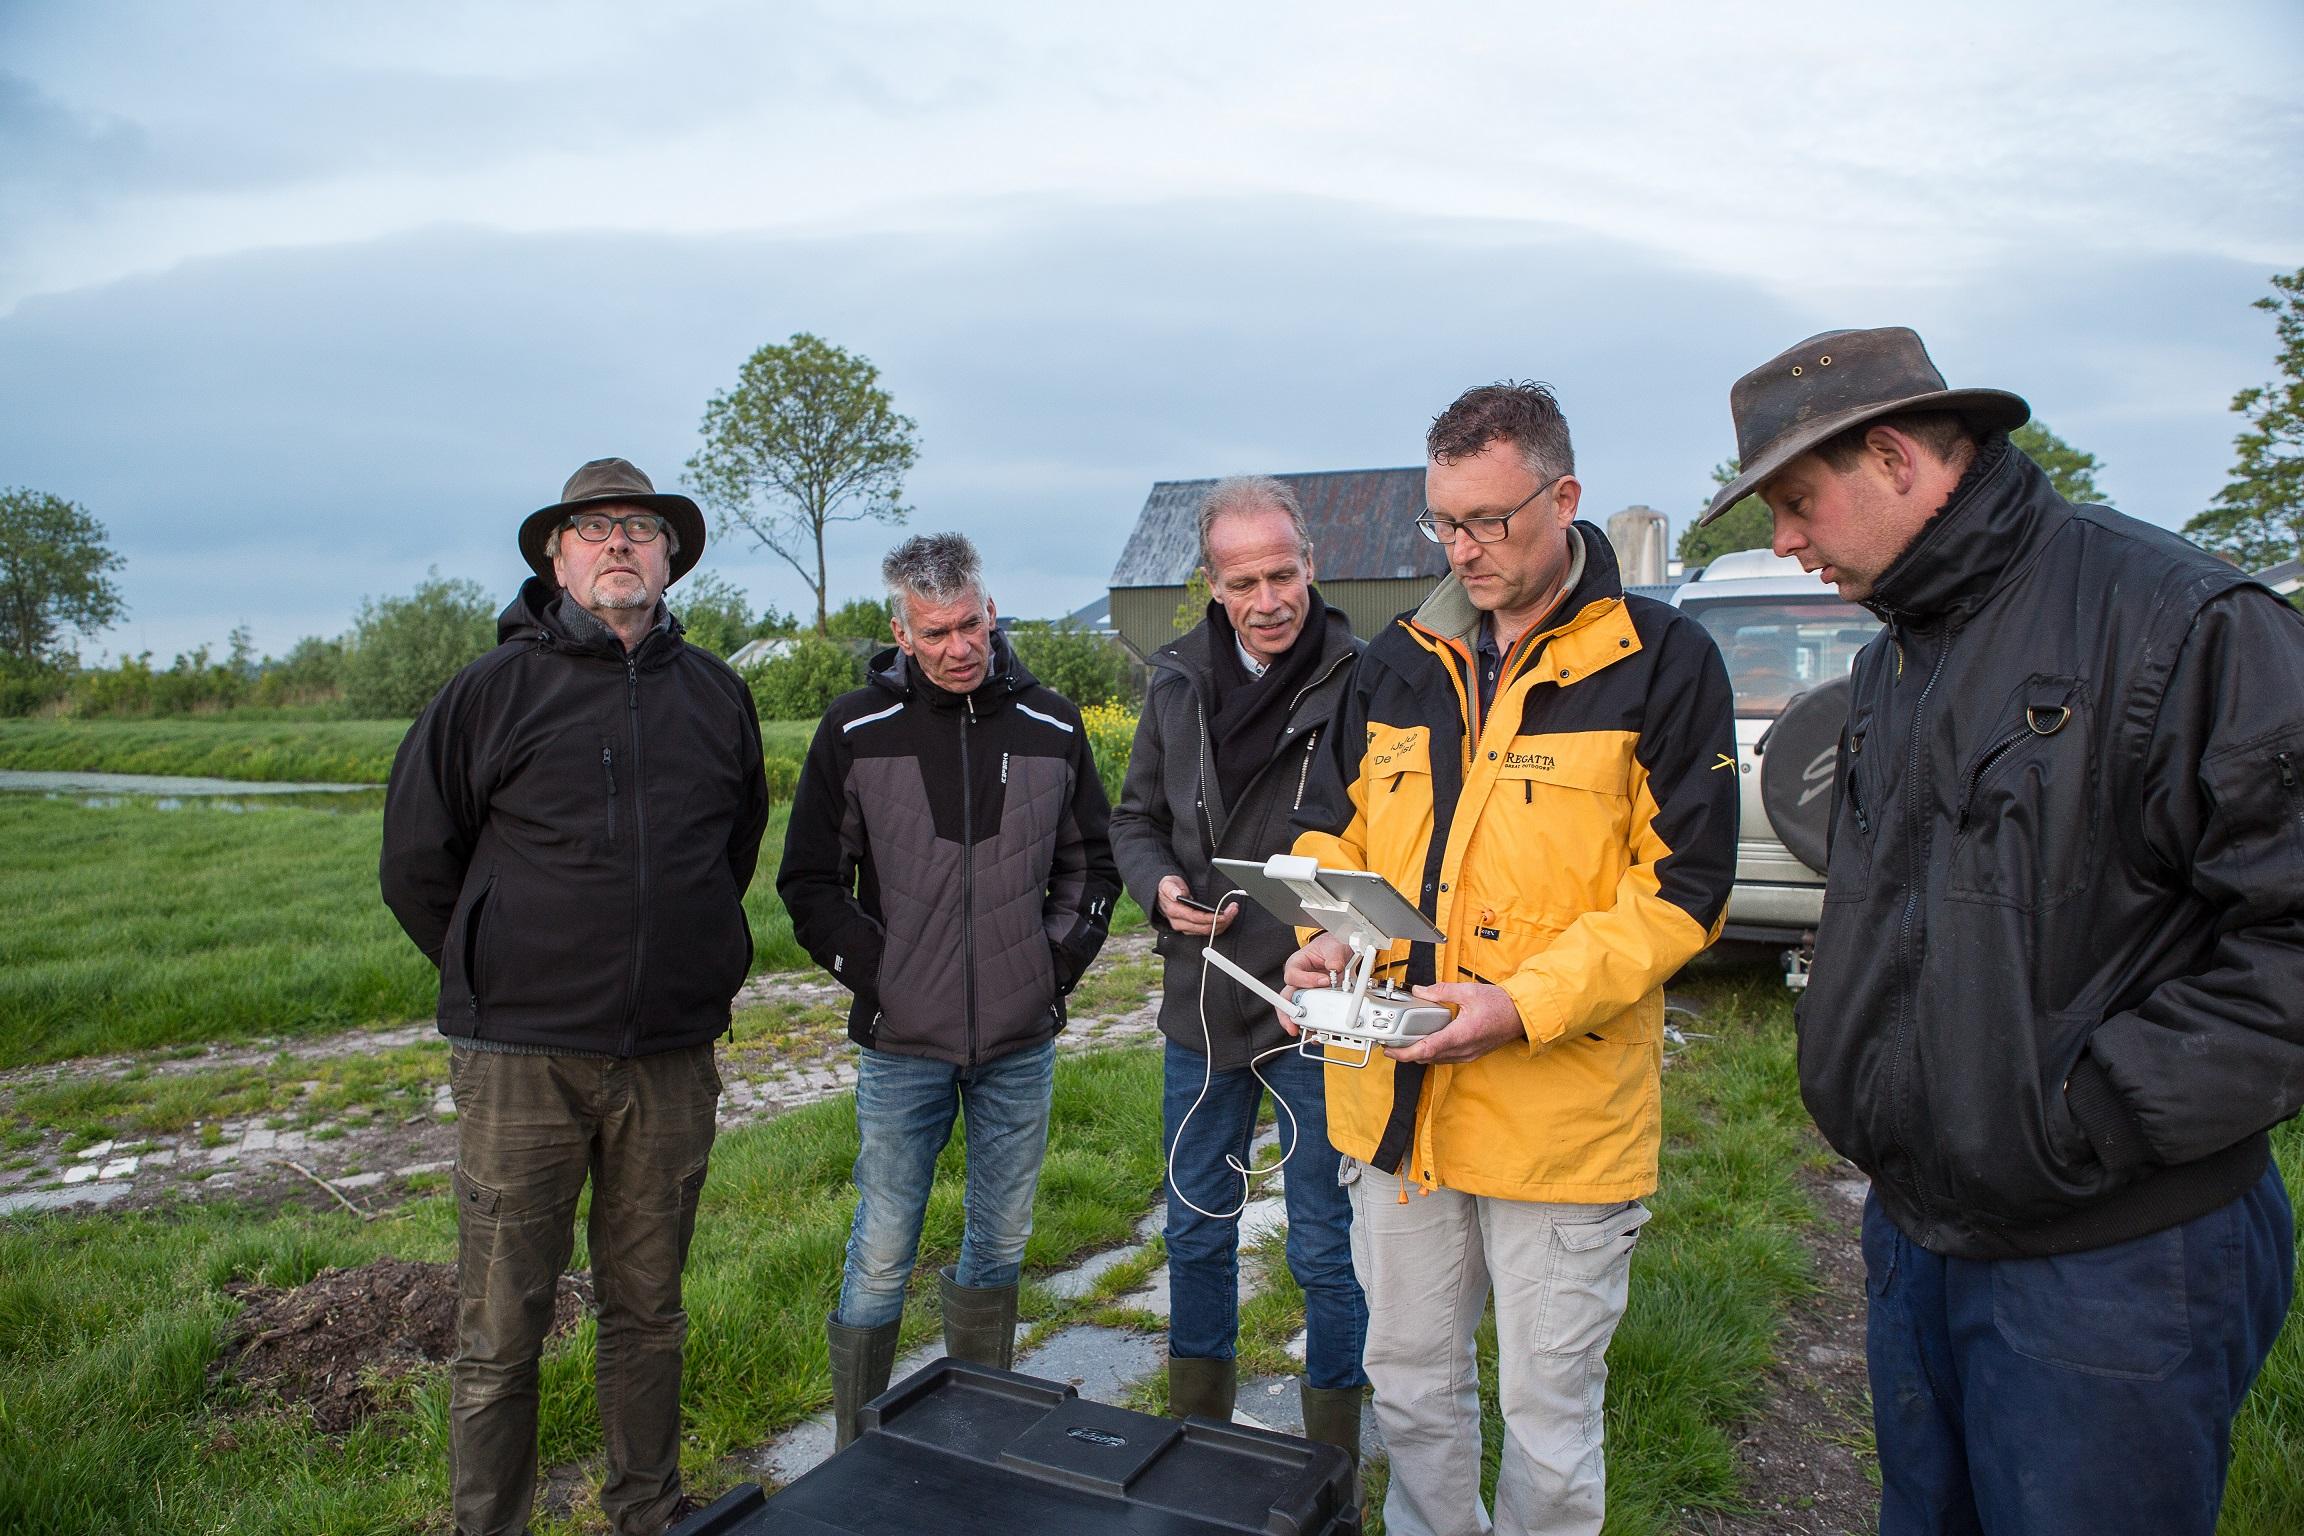 Vorige week hebben mensen van weidevogelwacht Rijpwetering en omstreken en 4d Precisie Natuurbeheer, samen met WUR-begeleider Herman van Schooten en Gerard Mul, de eerste praktijkvlucht gemaakt om vogelnesten te vinden.